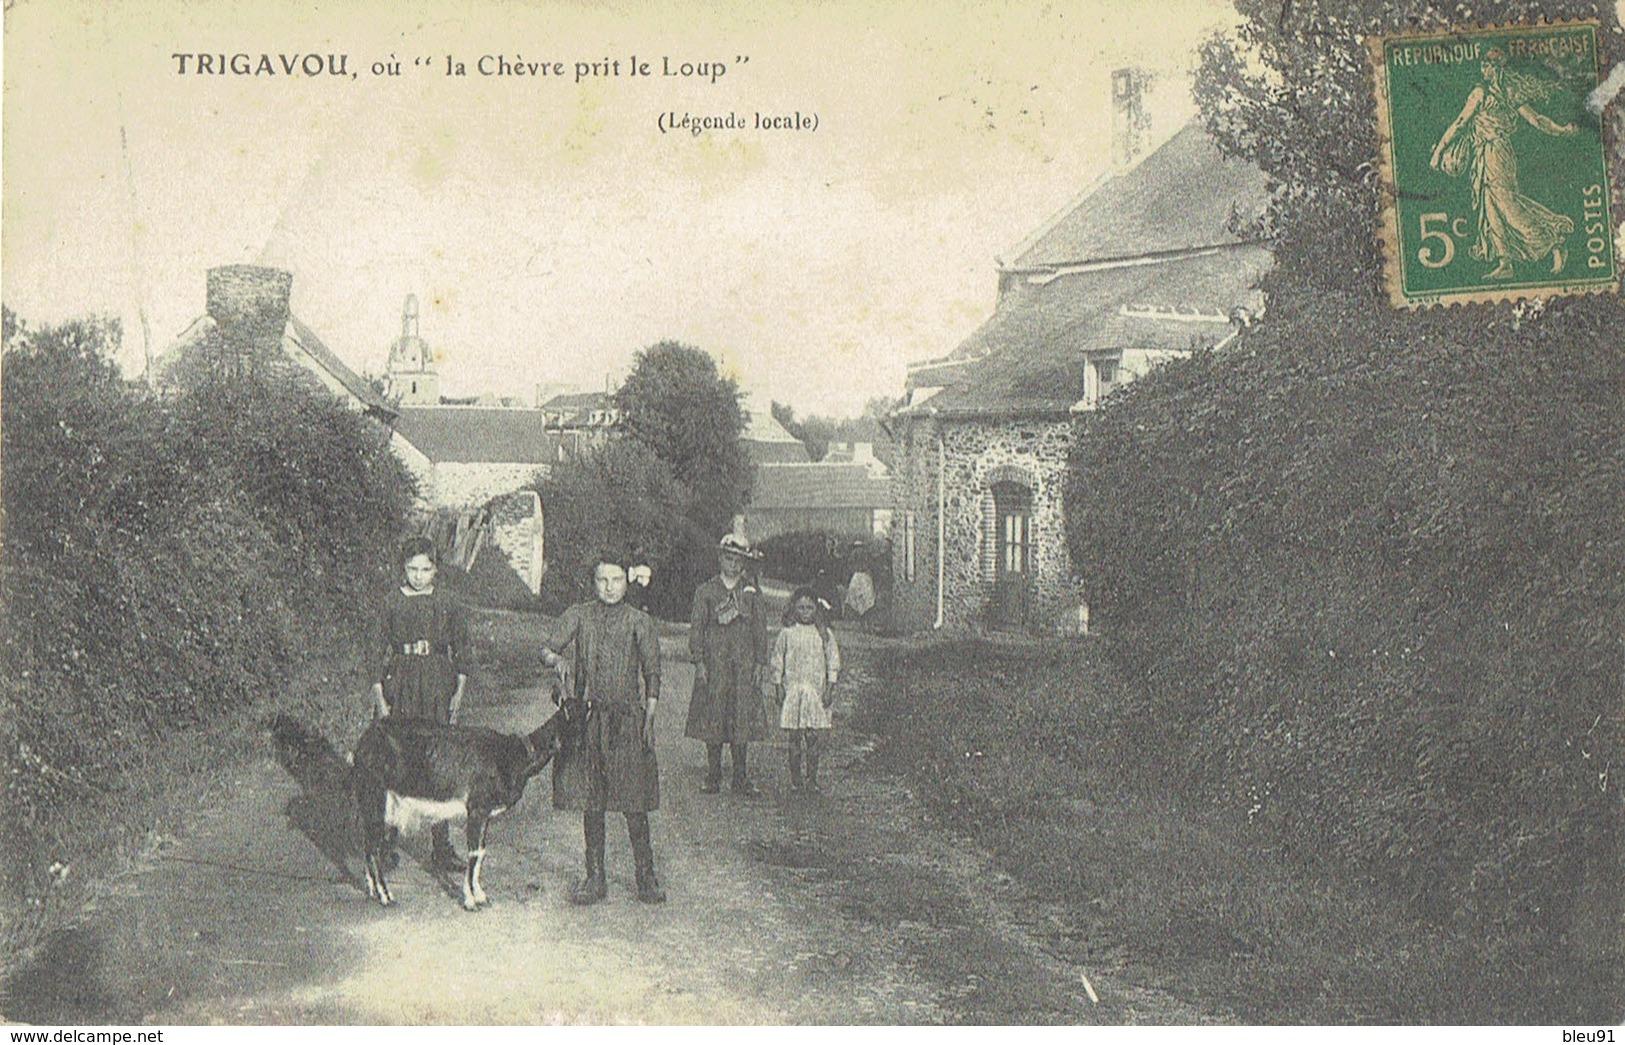 TRIGAVOU - Saint-Brieuc